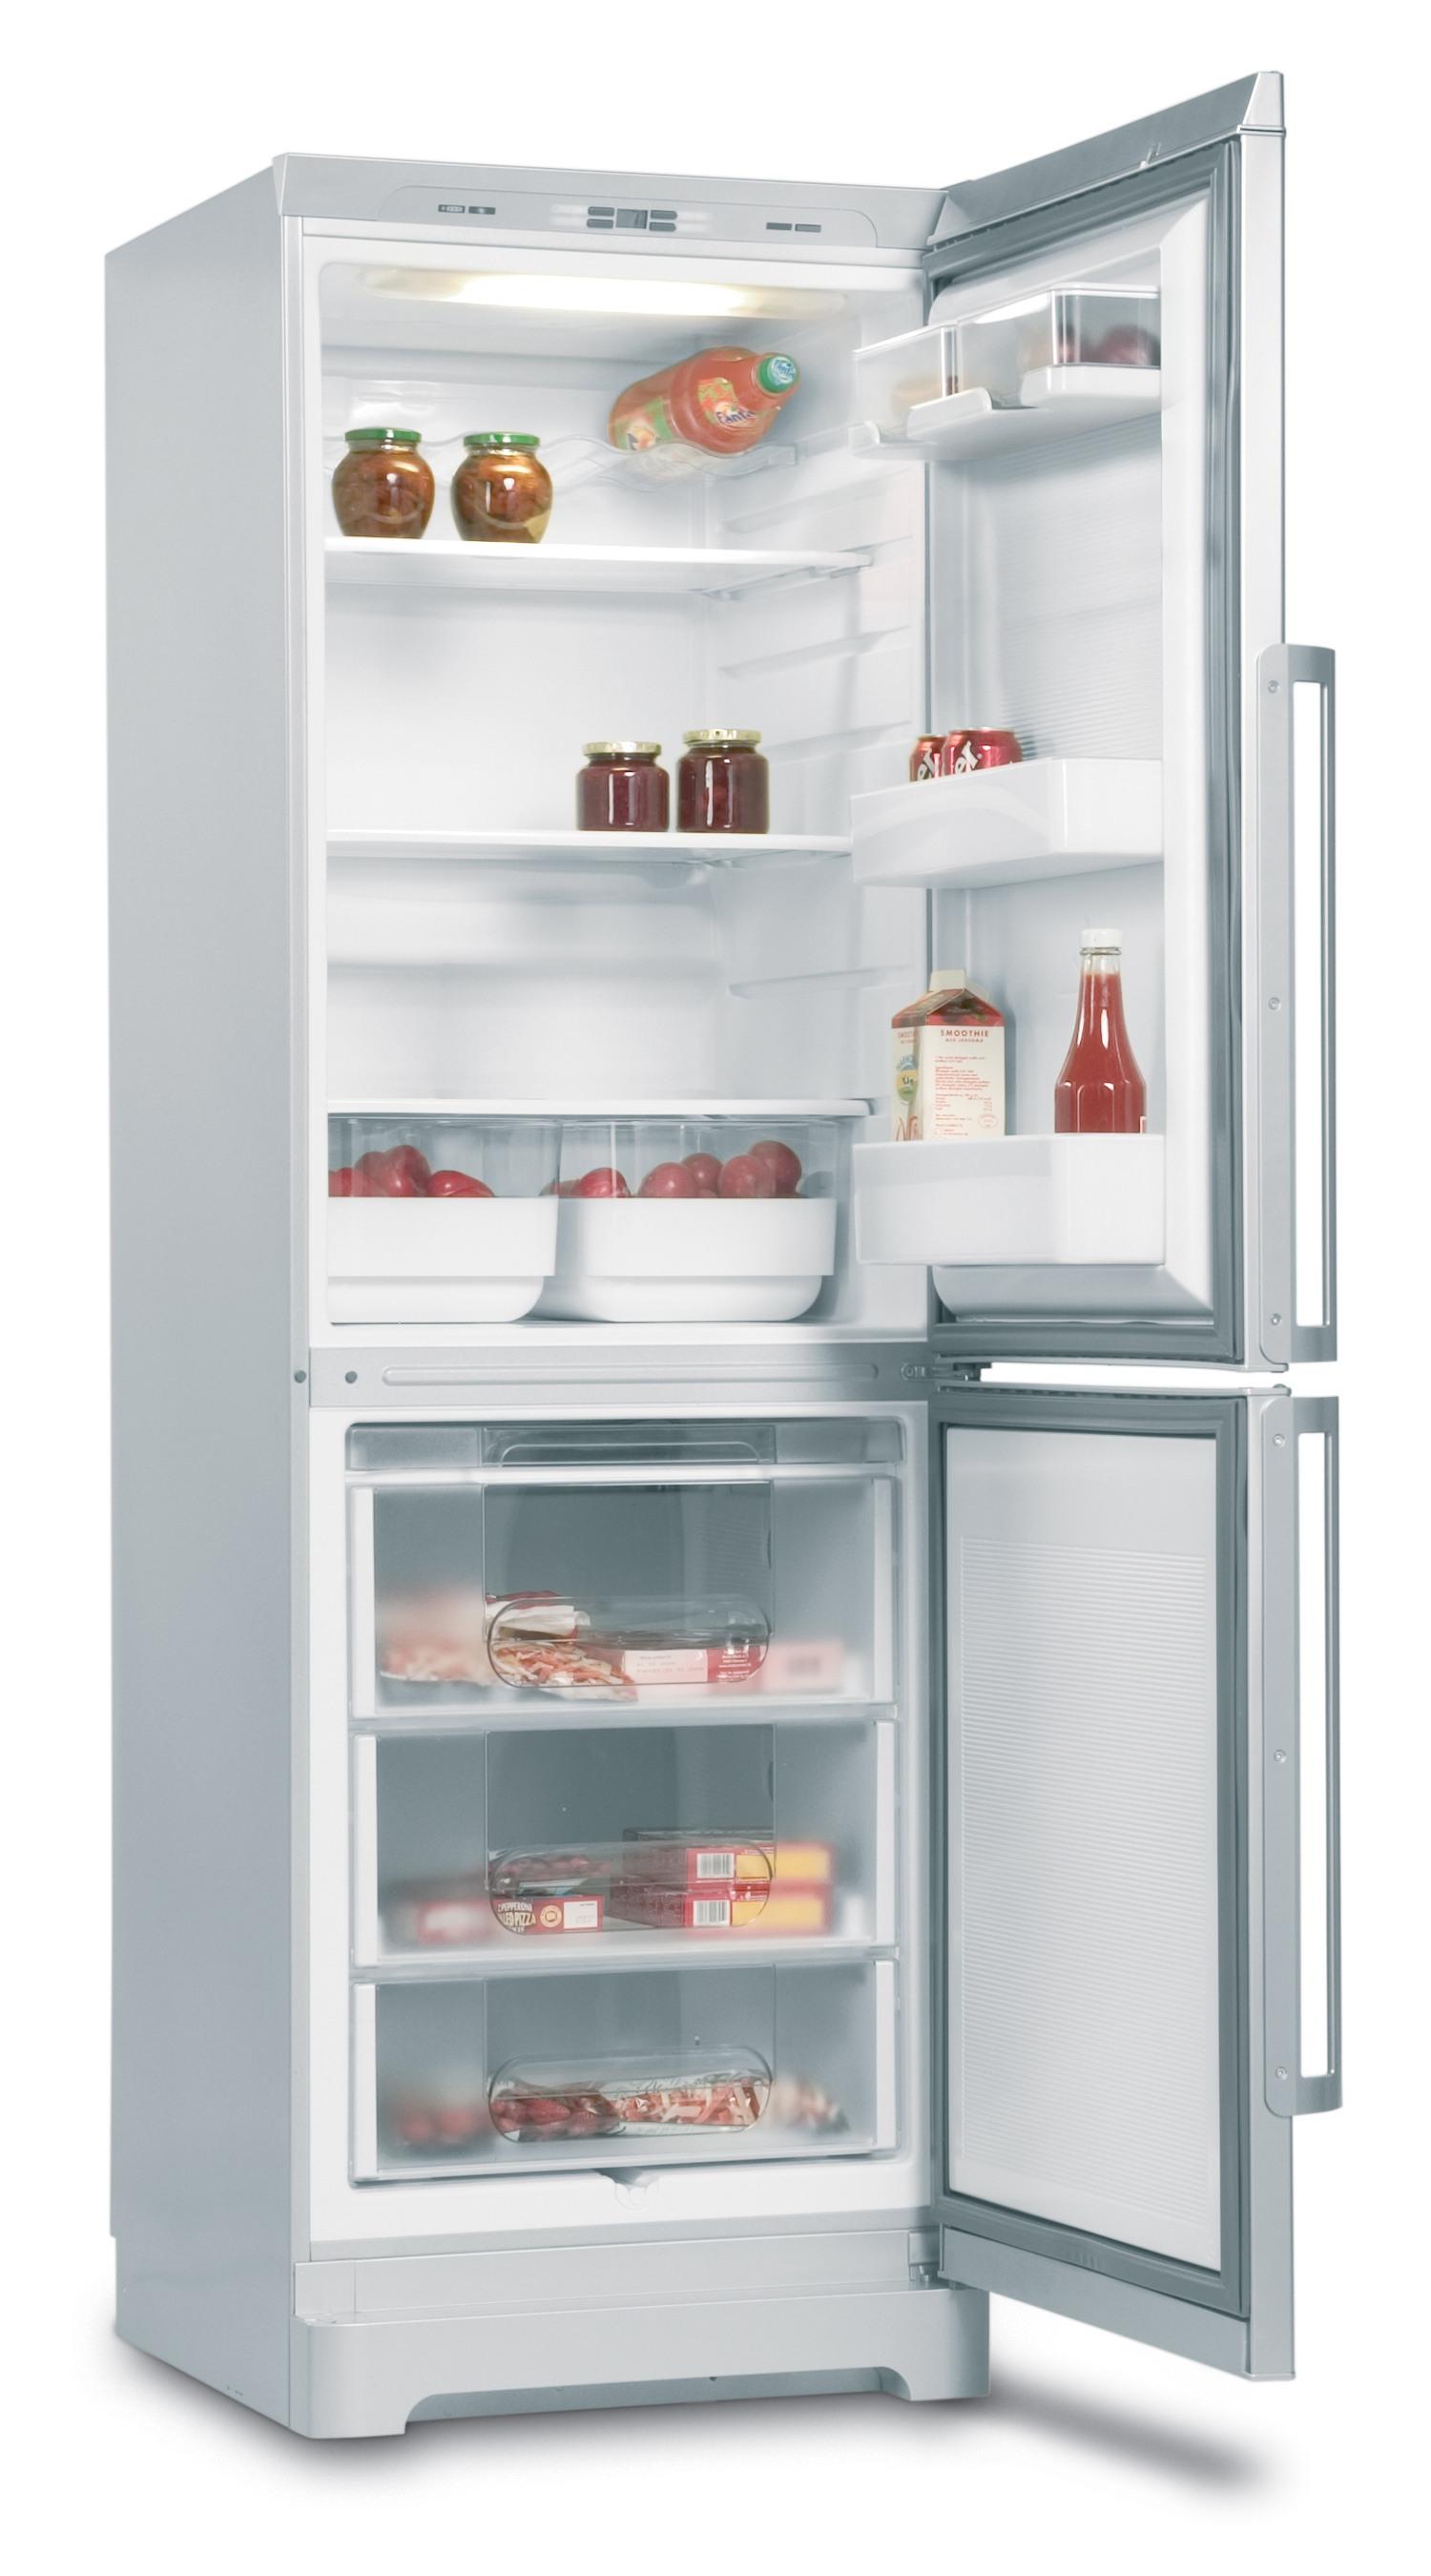 vestfrost холодильник kf 350 инструкция по ремонту